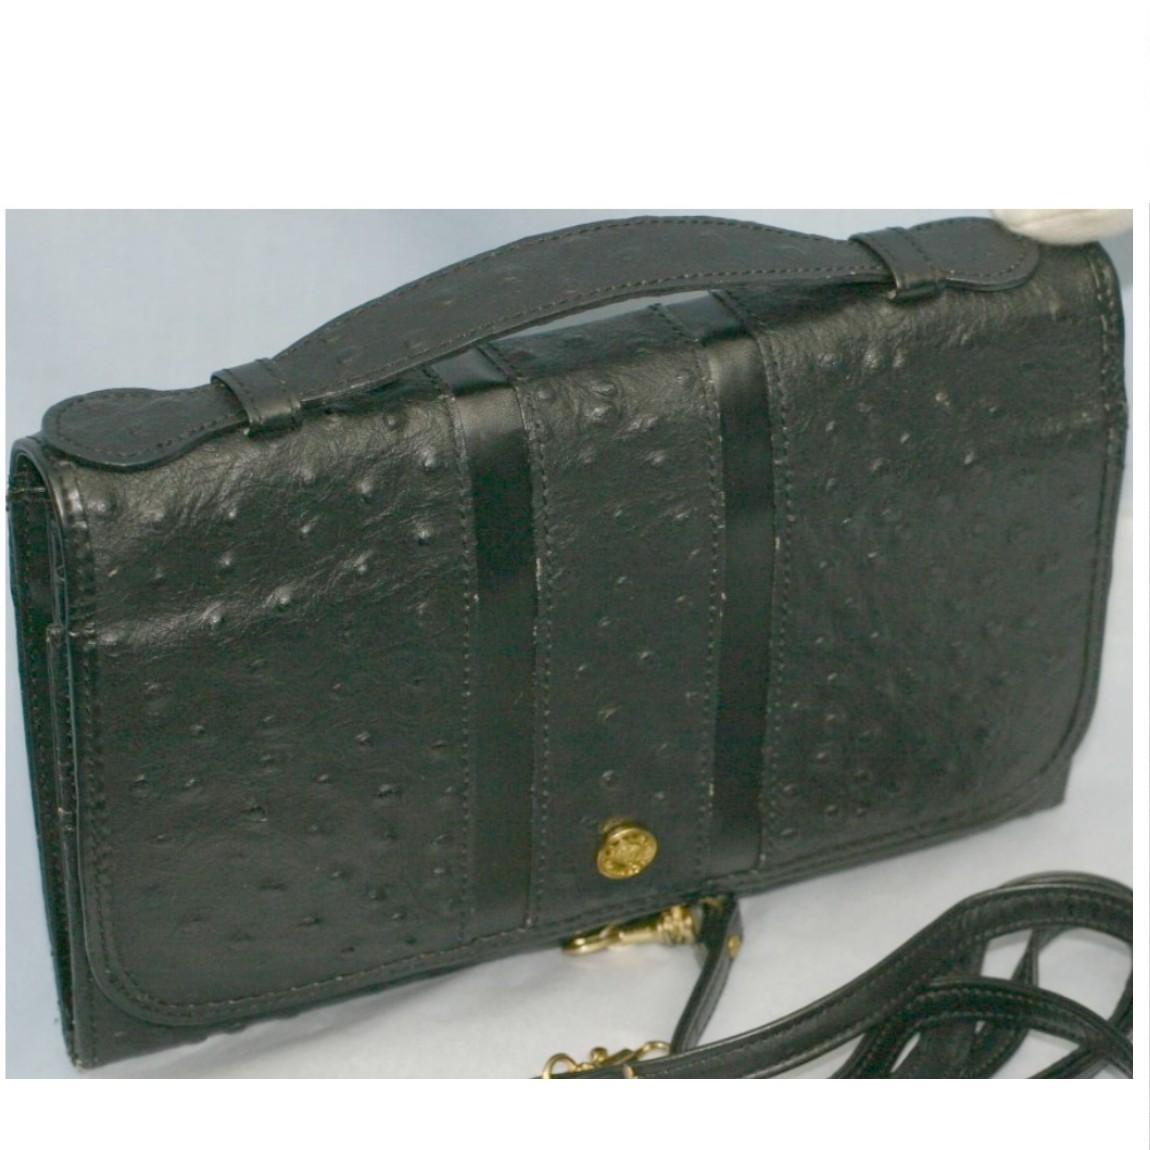 【中古】本物綺麗黒オーストリッチ模様型押持手付お財布として使用可能バッグ ○C10-358-4